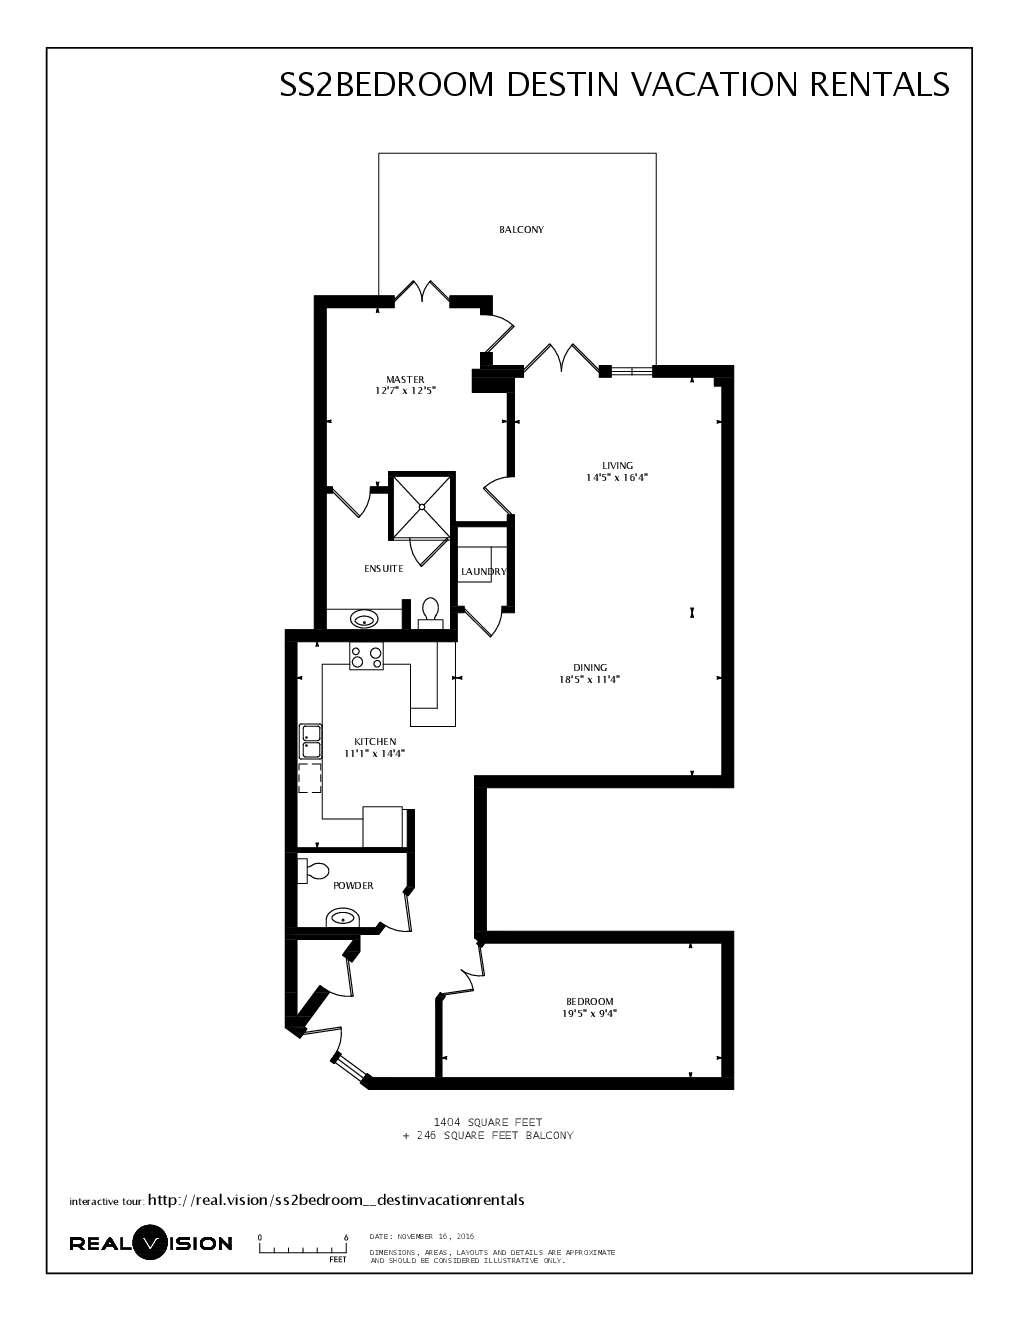 sunset suites 2 bedroom emerald grande destin vacation rentals 2 bedroom 1 5 bathroom interactive tour photo gallery floor plan